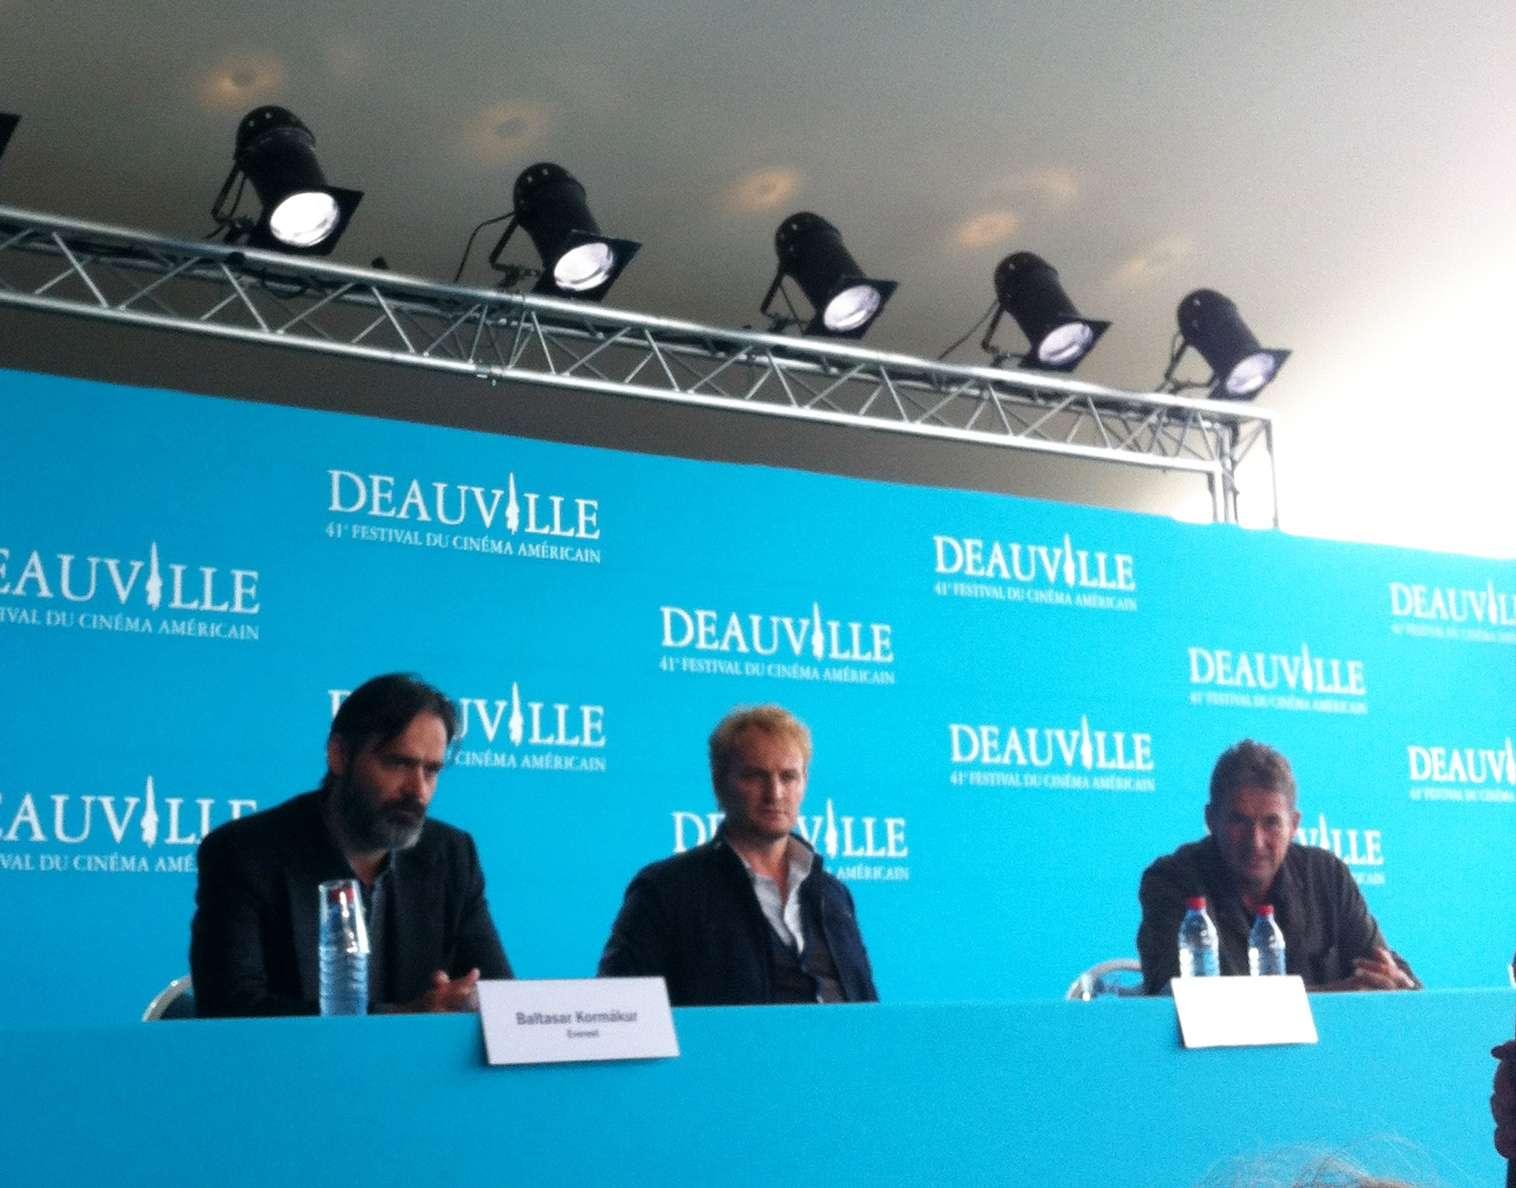 Crefovi attends 41st Deauville American Film Festival